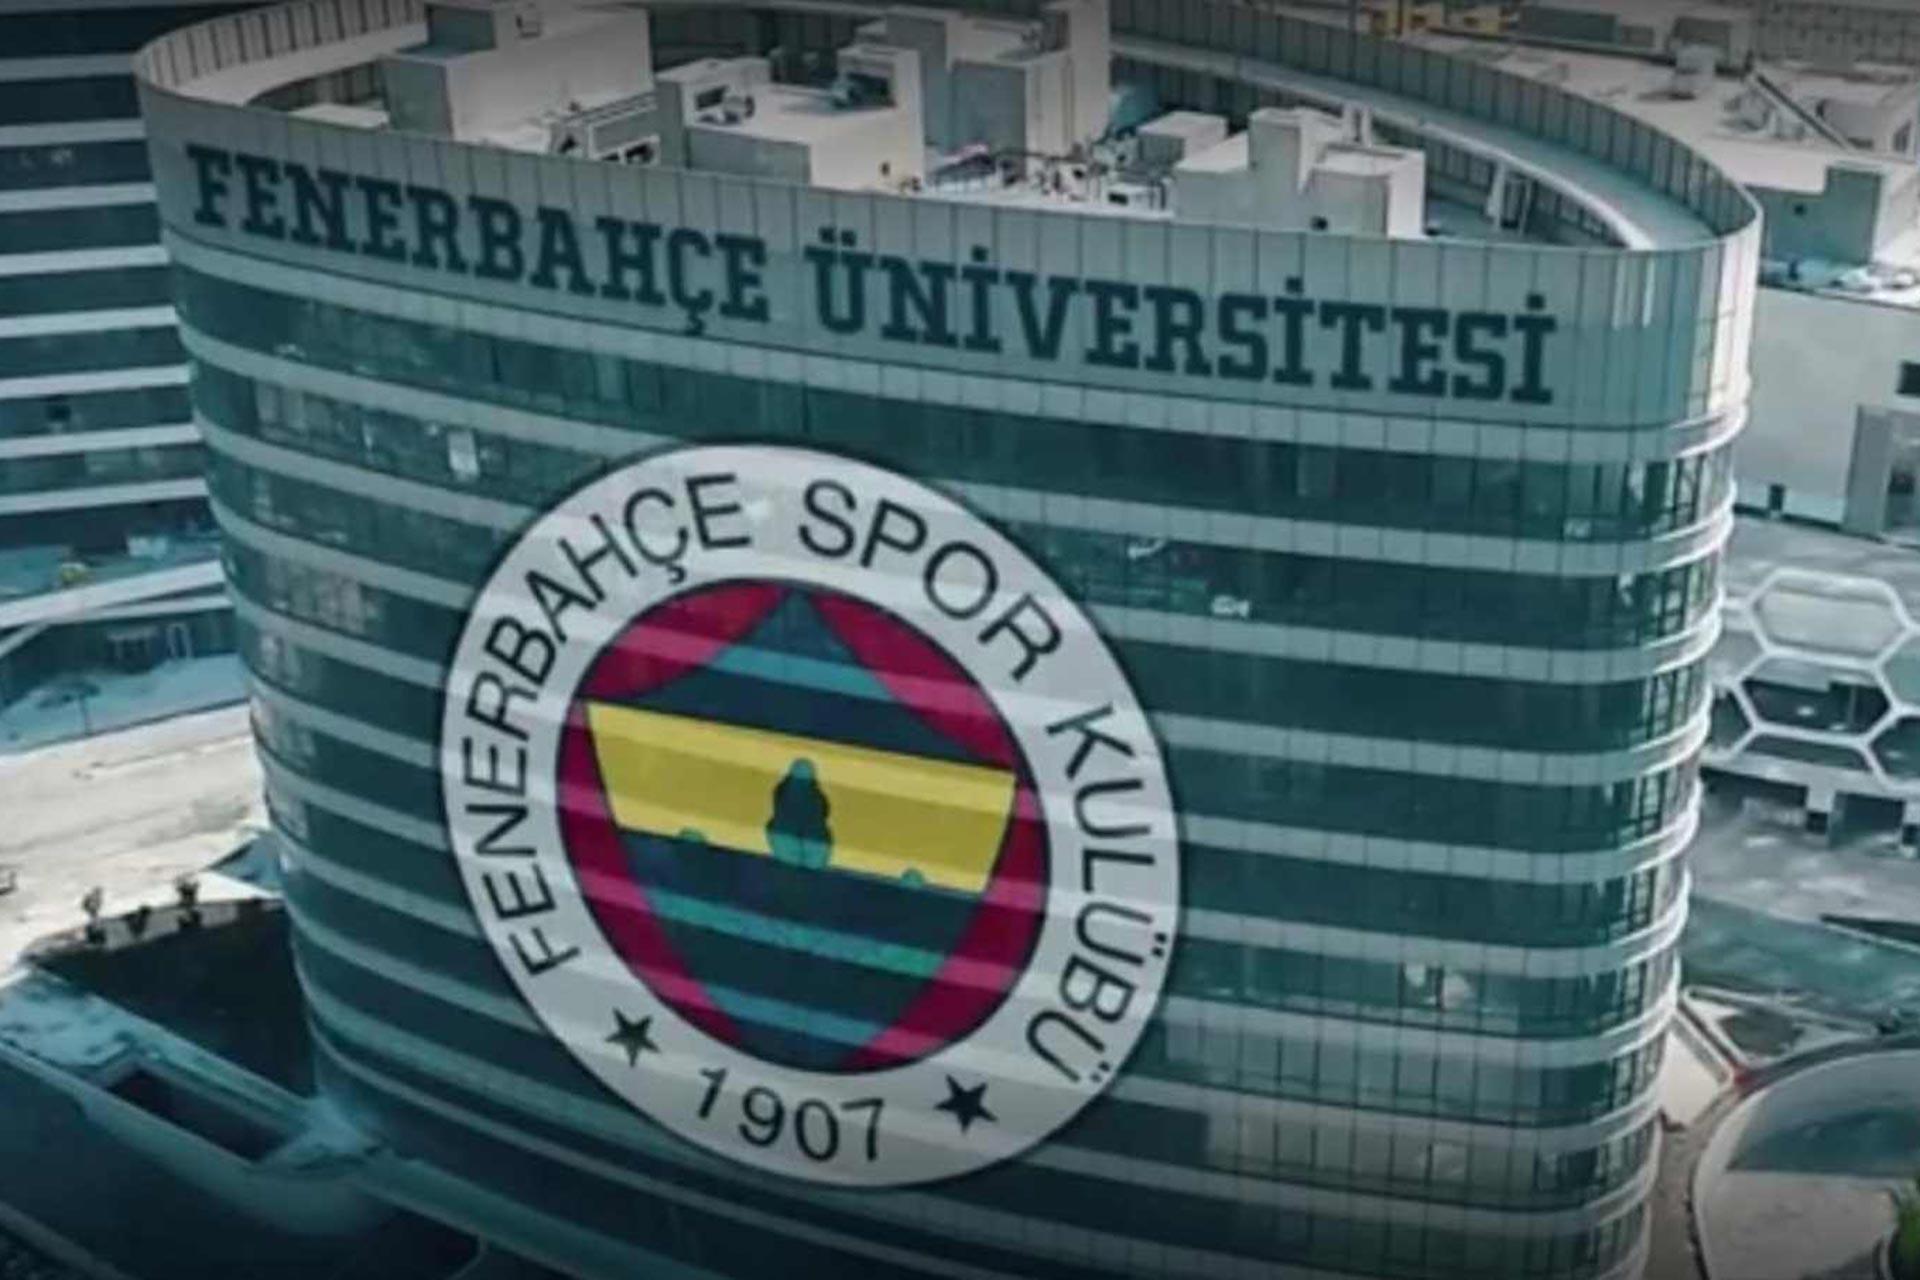 Fenerbahçe Üniversitesinde akademisyenler 'bölüm kapanacak' diye işten çıkarıldı